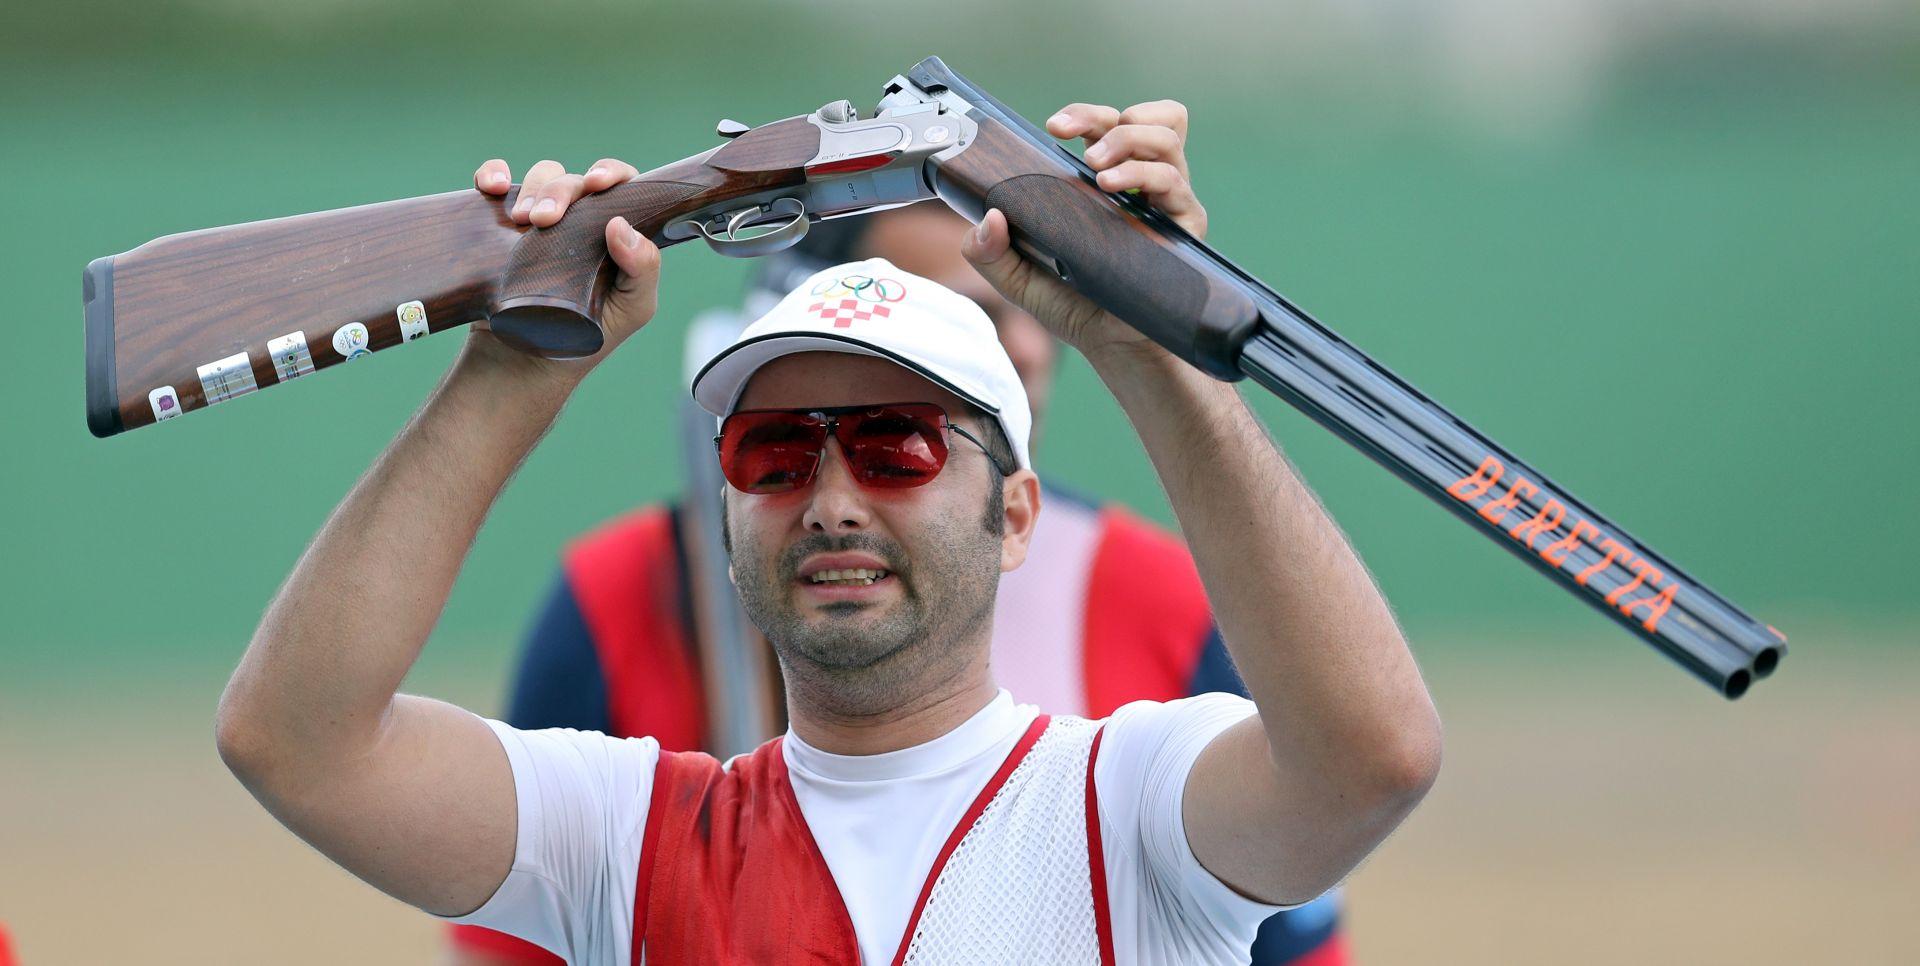 OLIMPIJSKE IGRE Sve hrvatske olimpijske medalje, Glasnović osvojio 24.